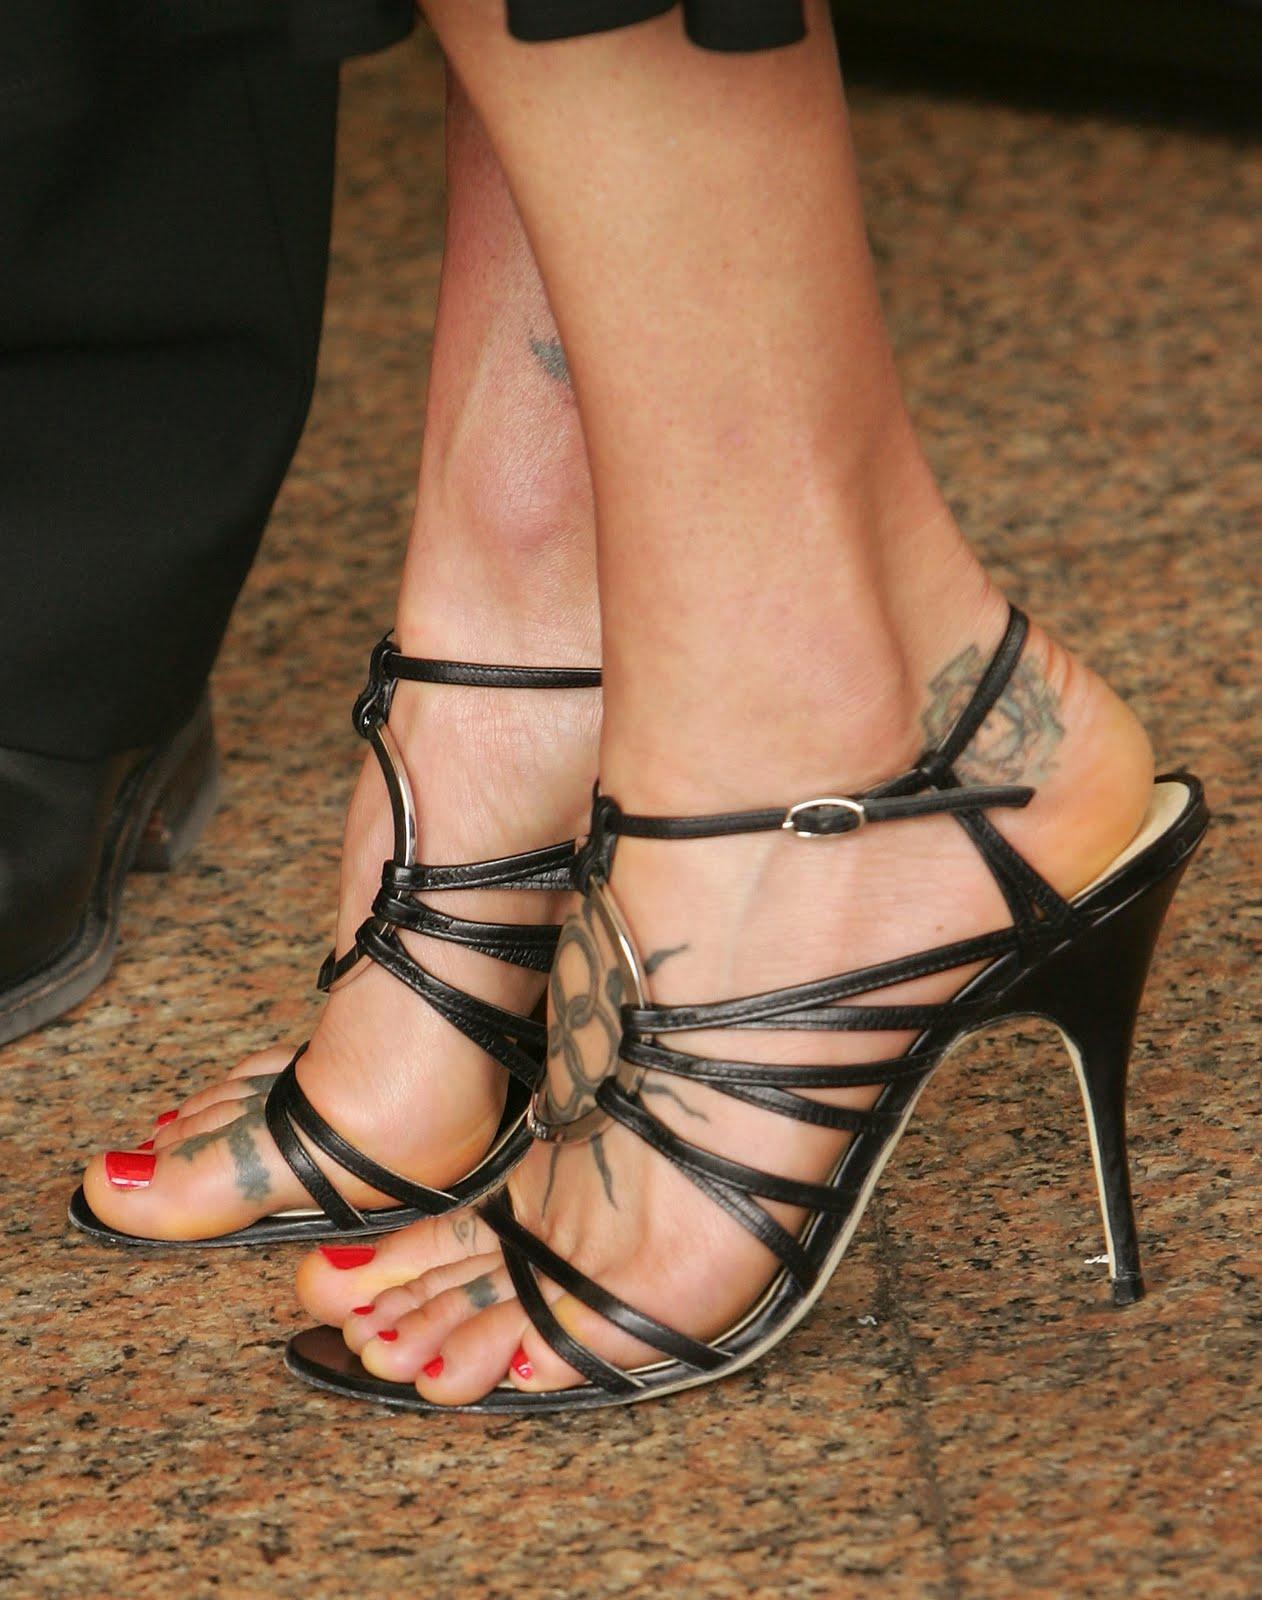 http://1.bp.blogspot.com/_bQ0SqifjNcg/TCWRlQLEsJI/AAAAAAAAWys/d7c2krznw08/s1600/carre-otis-feet.jpg